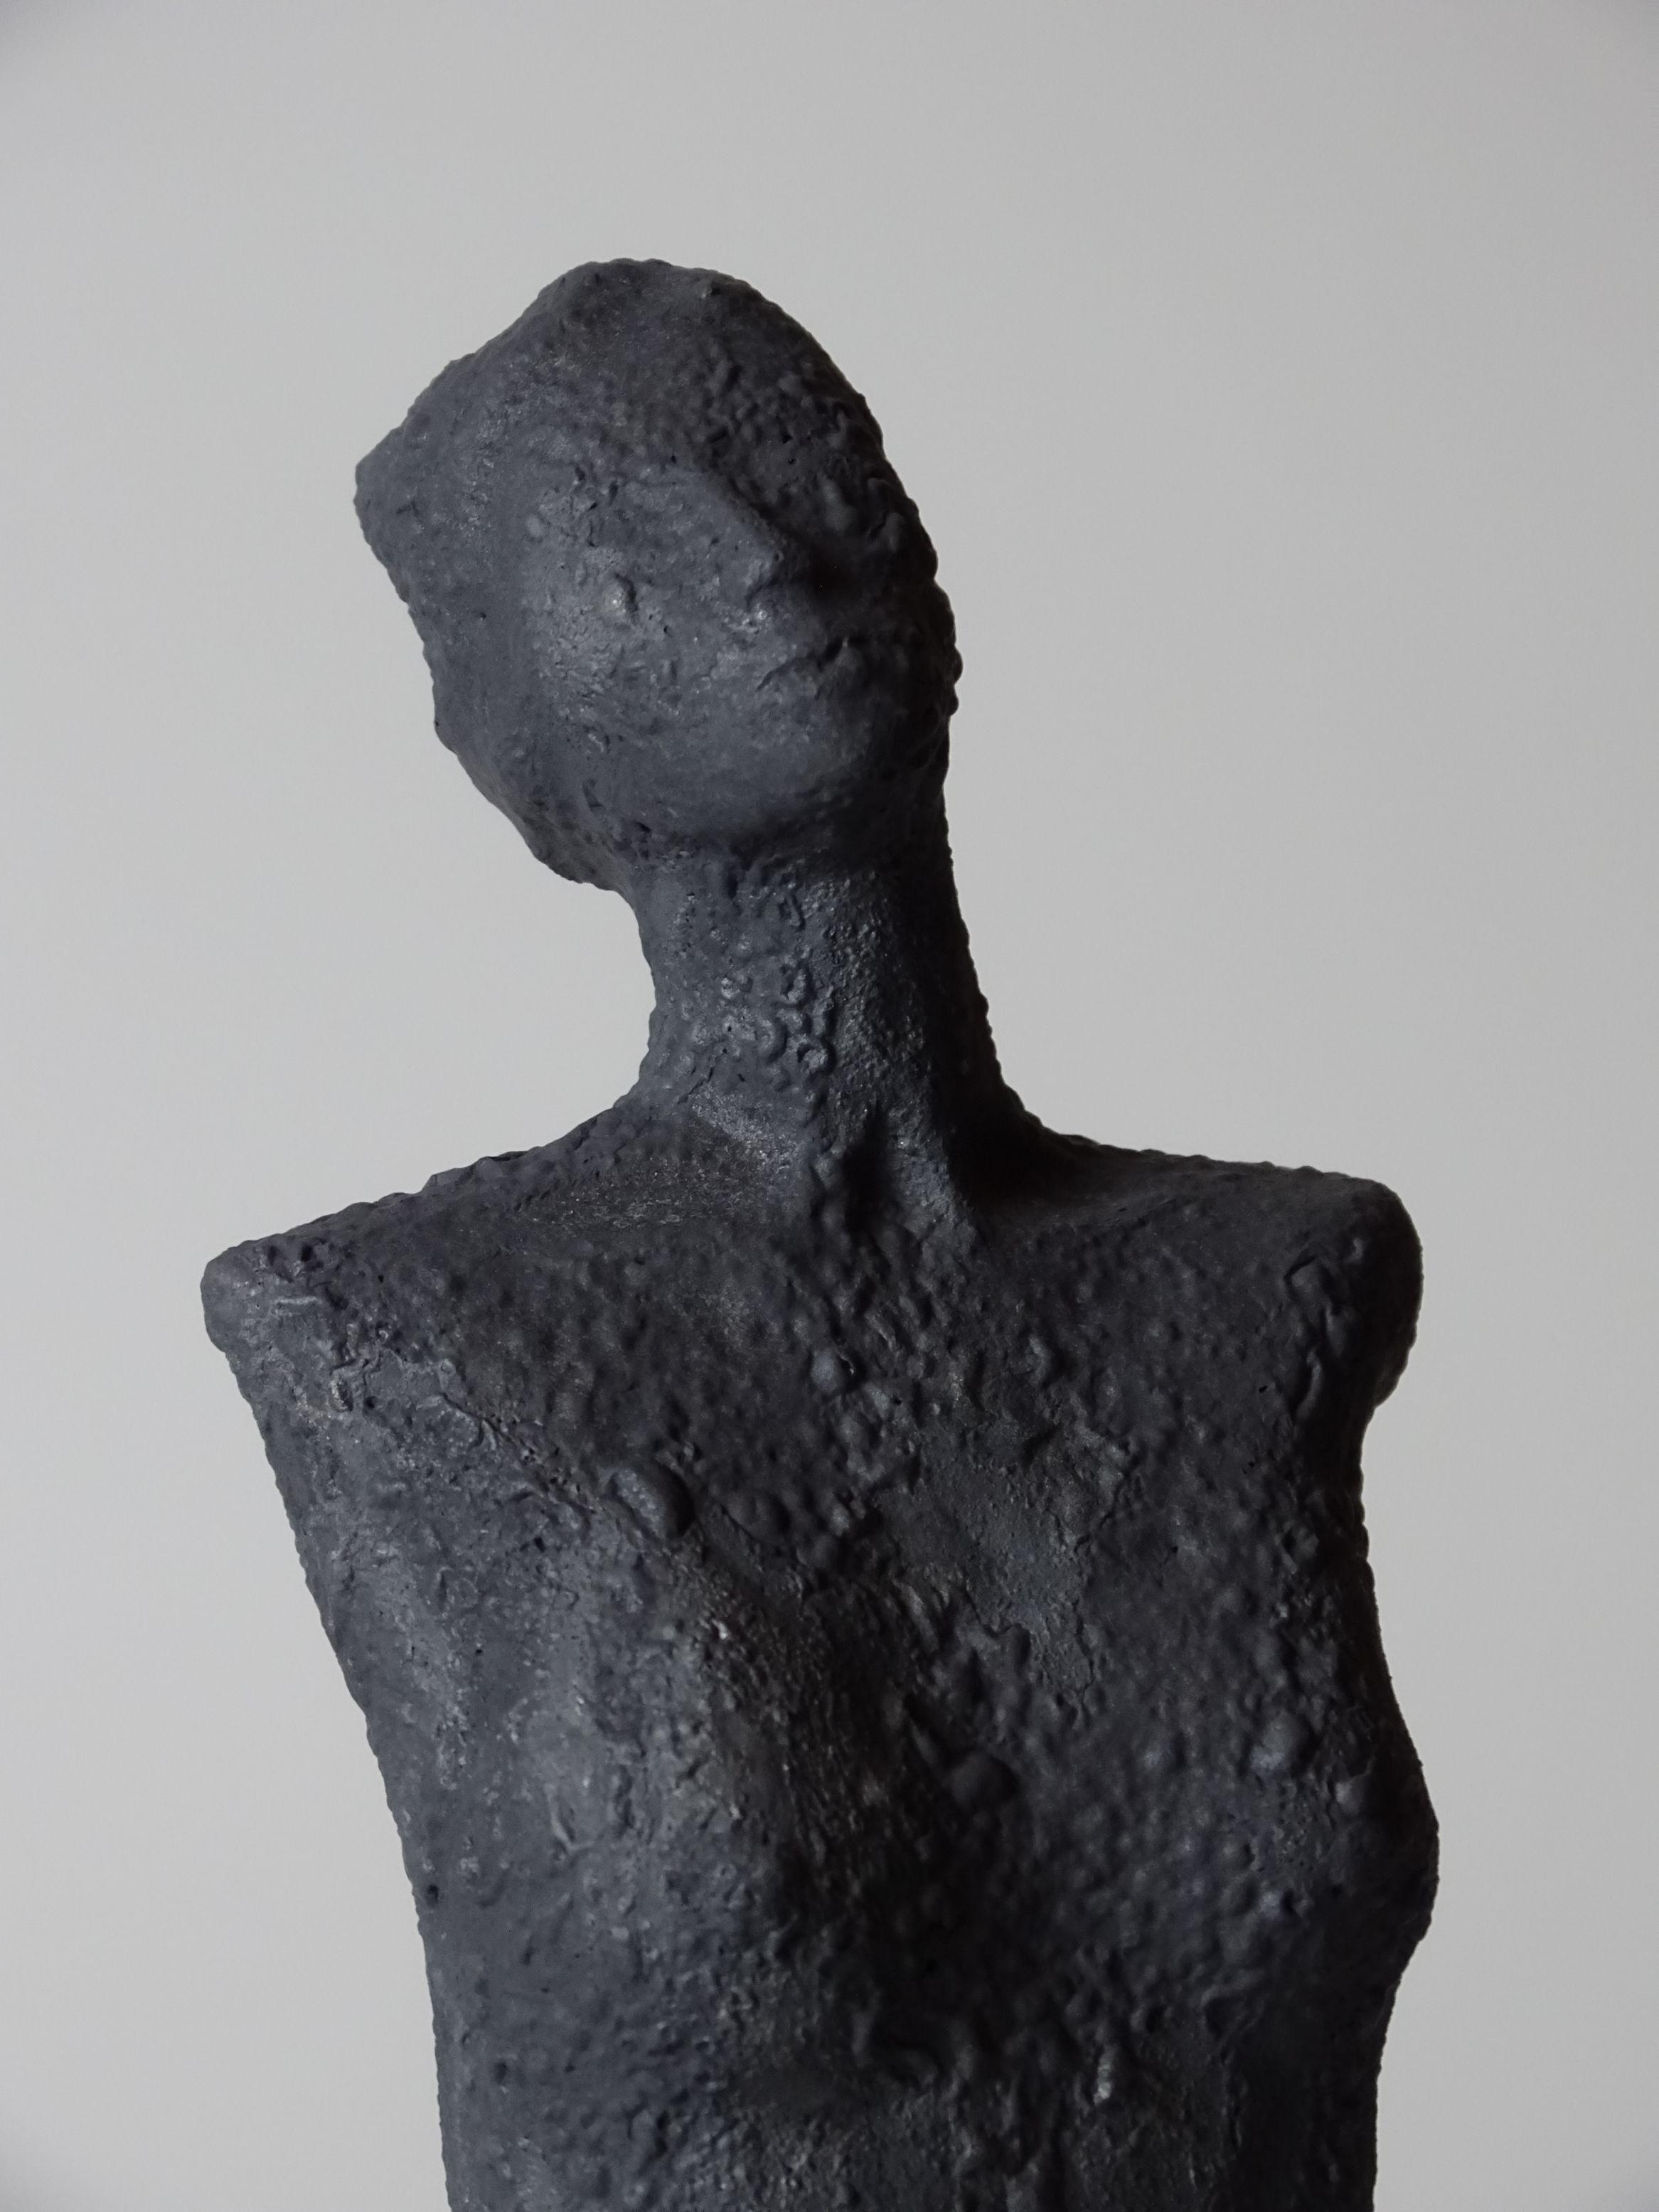 dana skulptur von michael braunig skulpturen abstrakte bronzeskulptur bilder gold hochformat